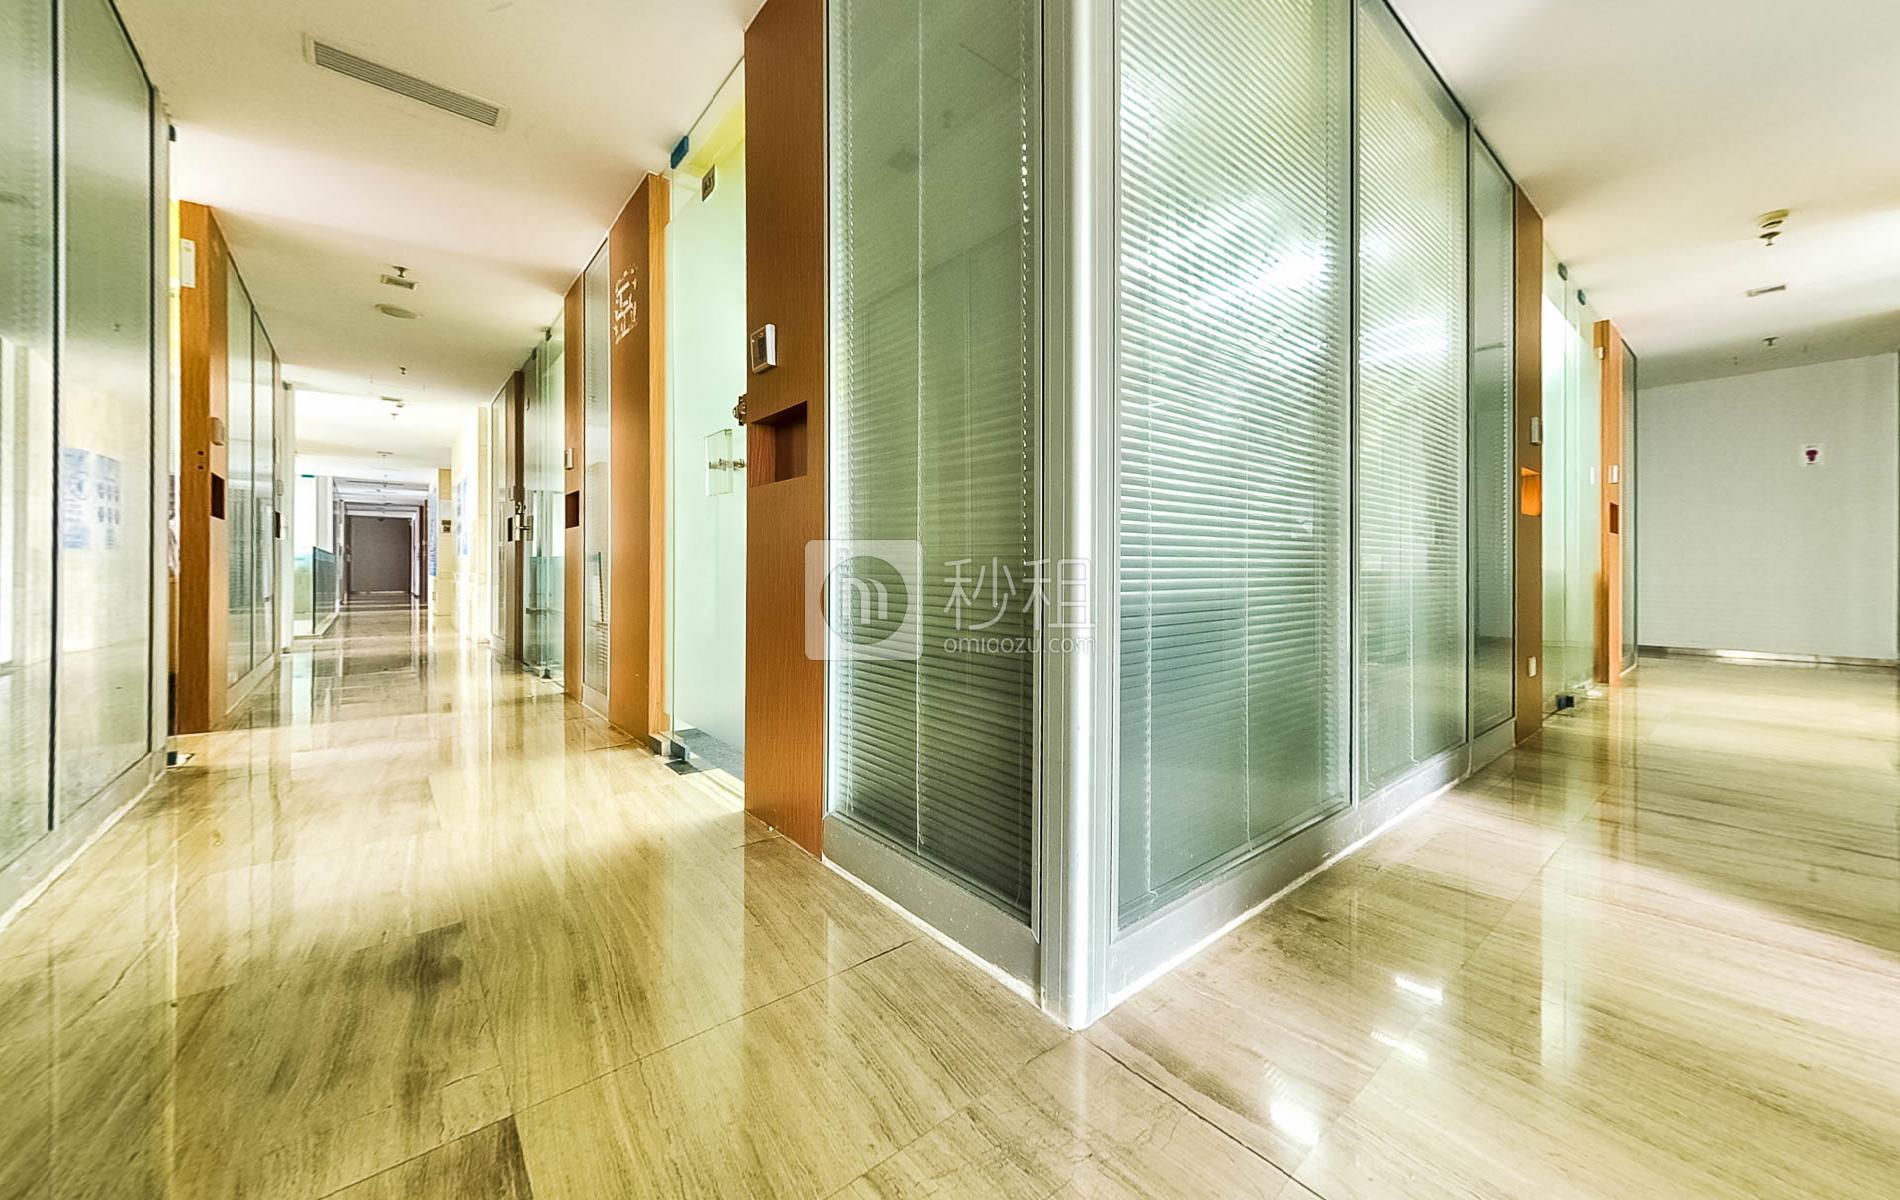 创客街-海德大厦写字楼出租/招租/租赁,创客街-海德大厦办公室出租/招租/租赁